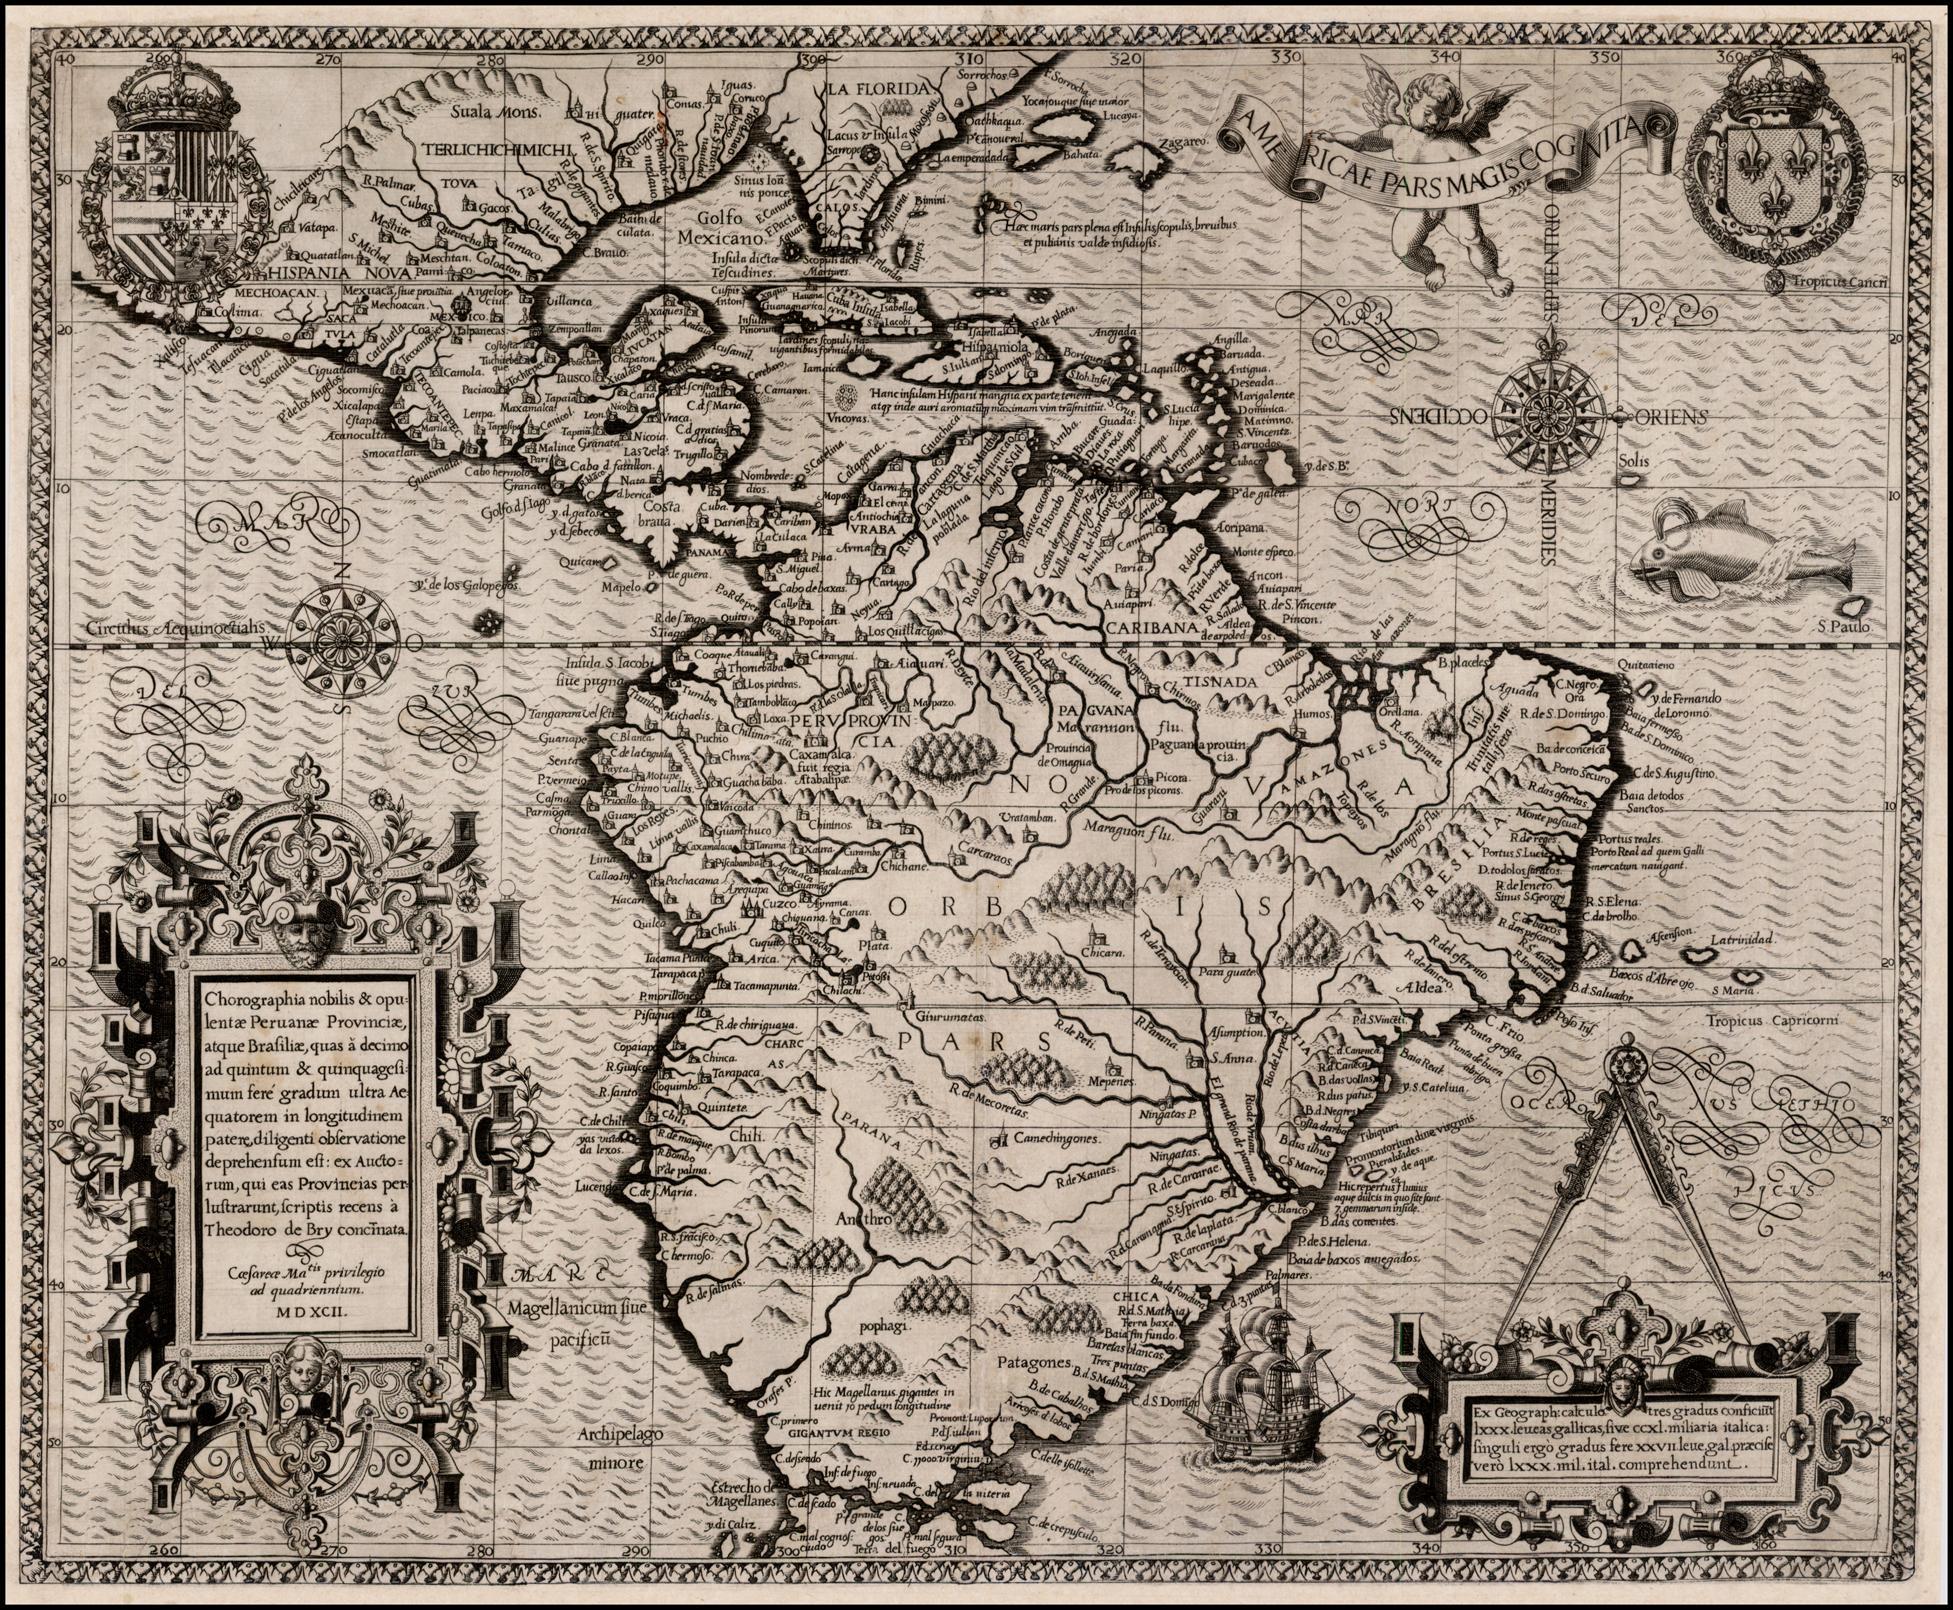 На карте одно из лучших ранних изображений Южной Америки - она об открытиях в начале последнего десятилетия XVI века